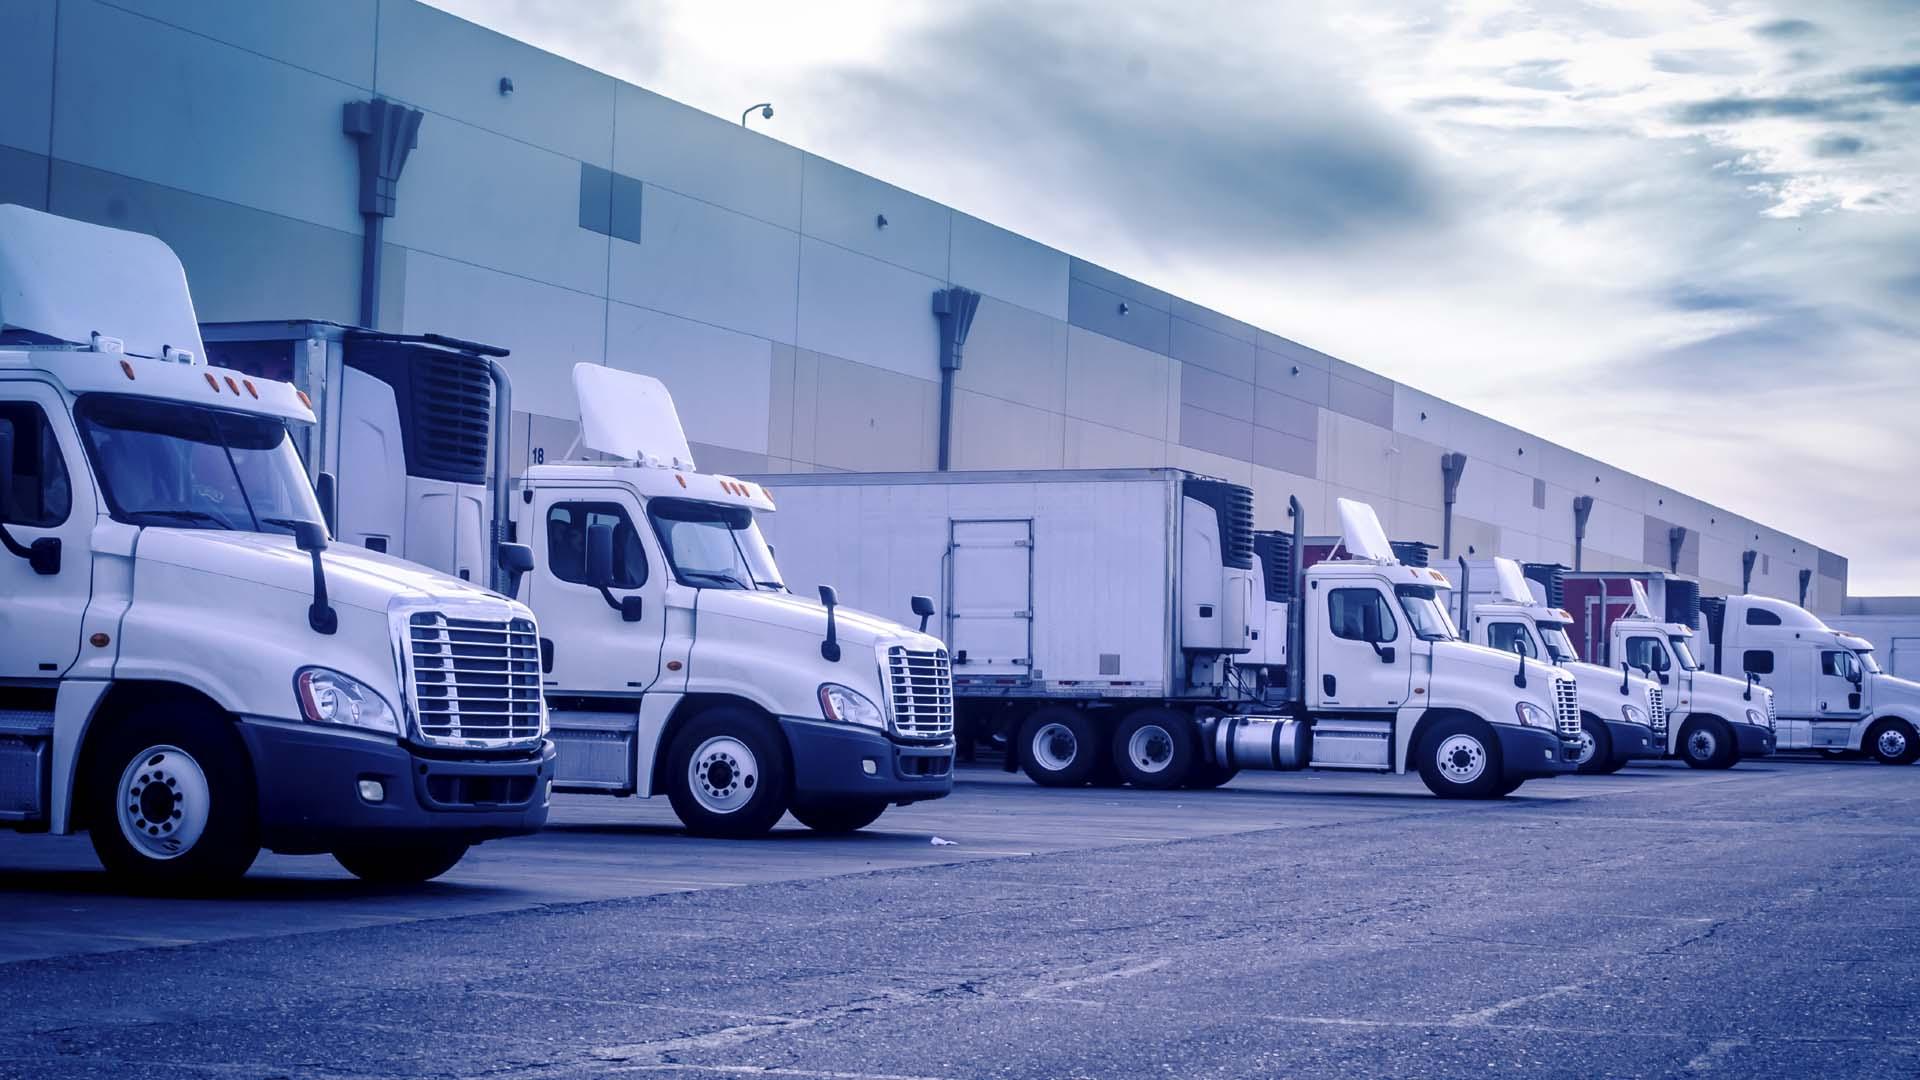 Hasta diez camiones serán capaces de seguir al vehículo que le precede mediante sensores láser y cámaras de infrarrojos